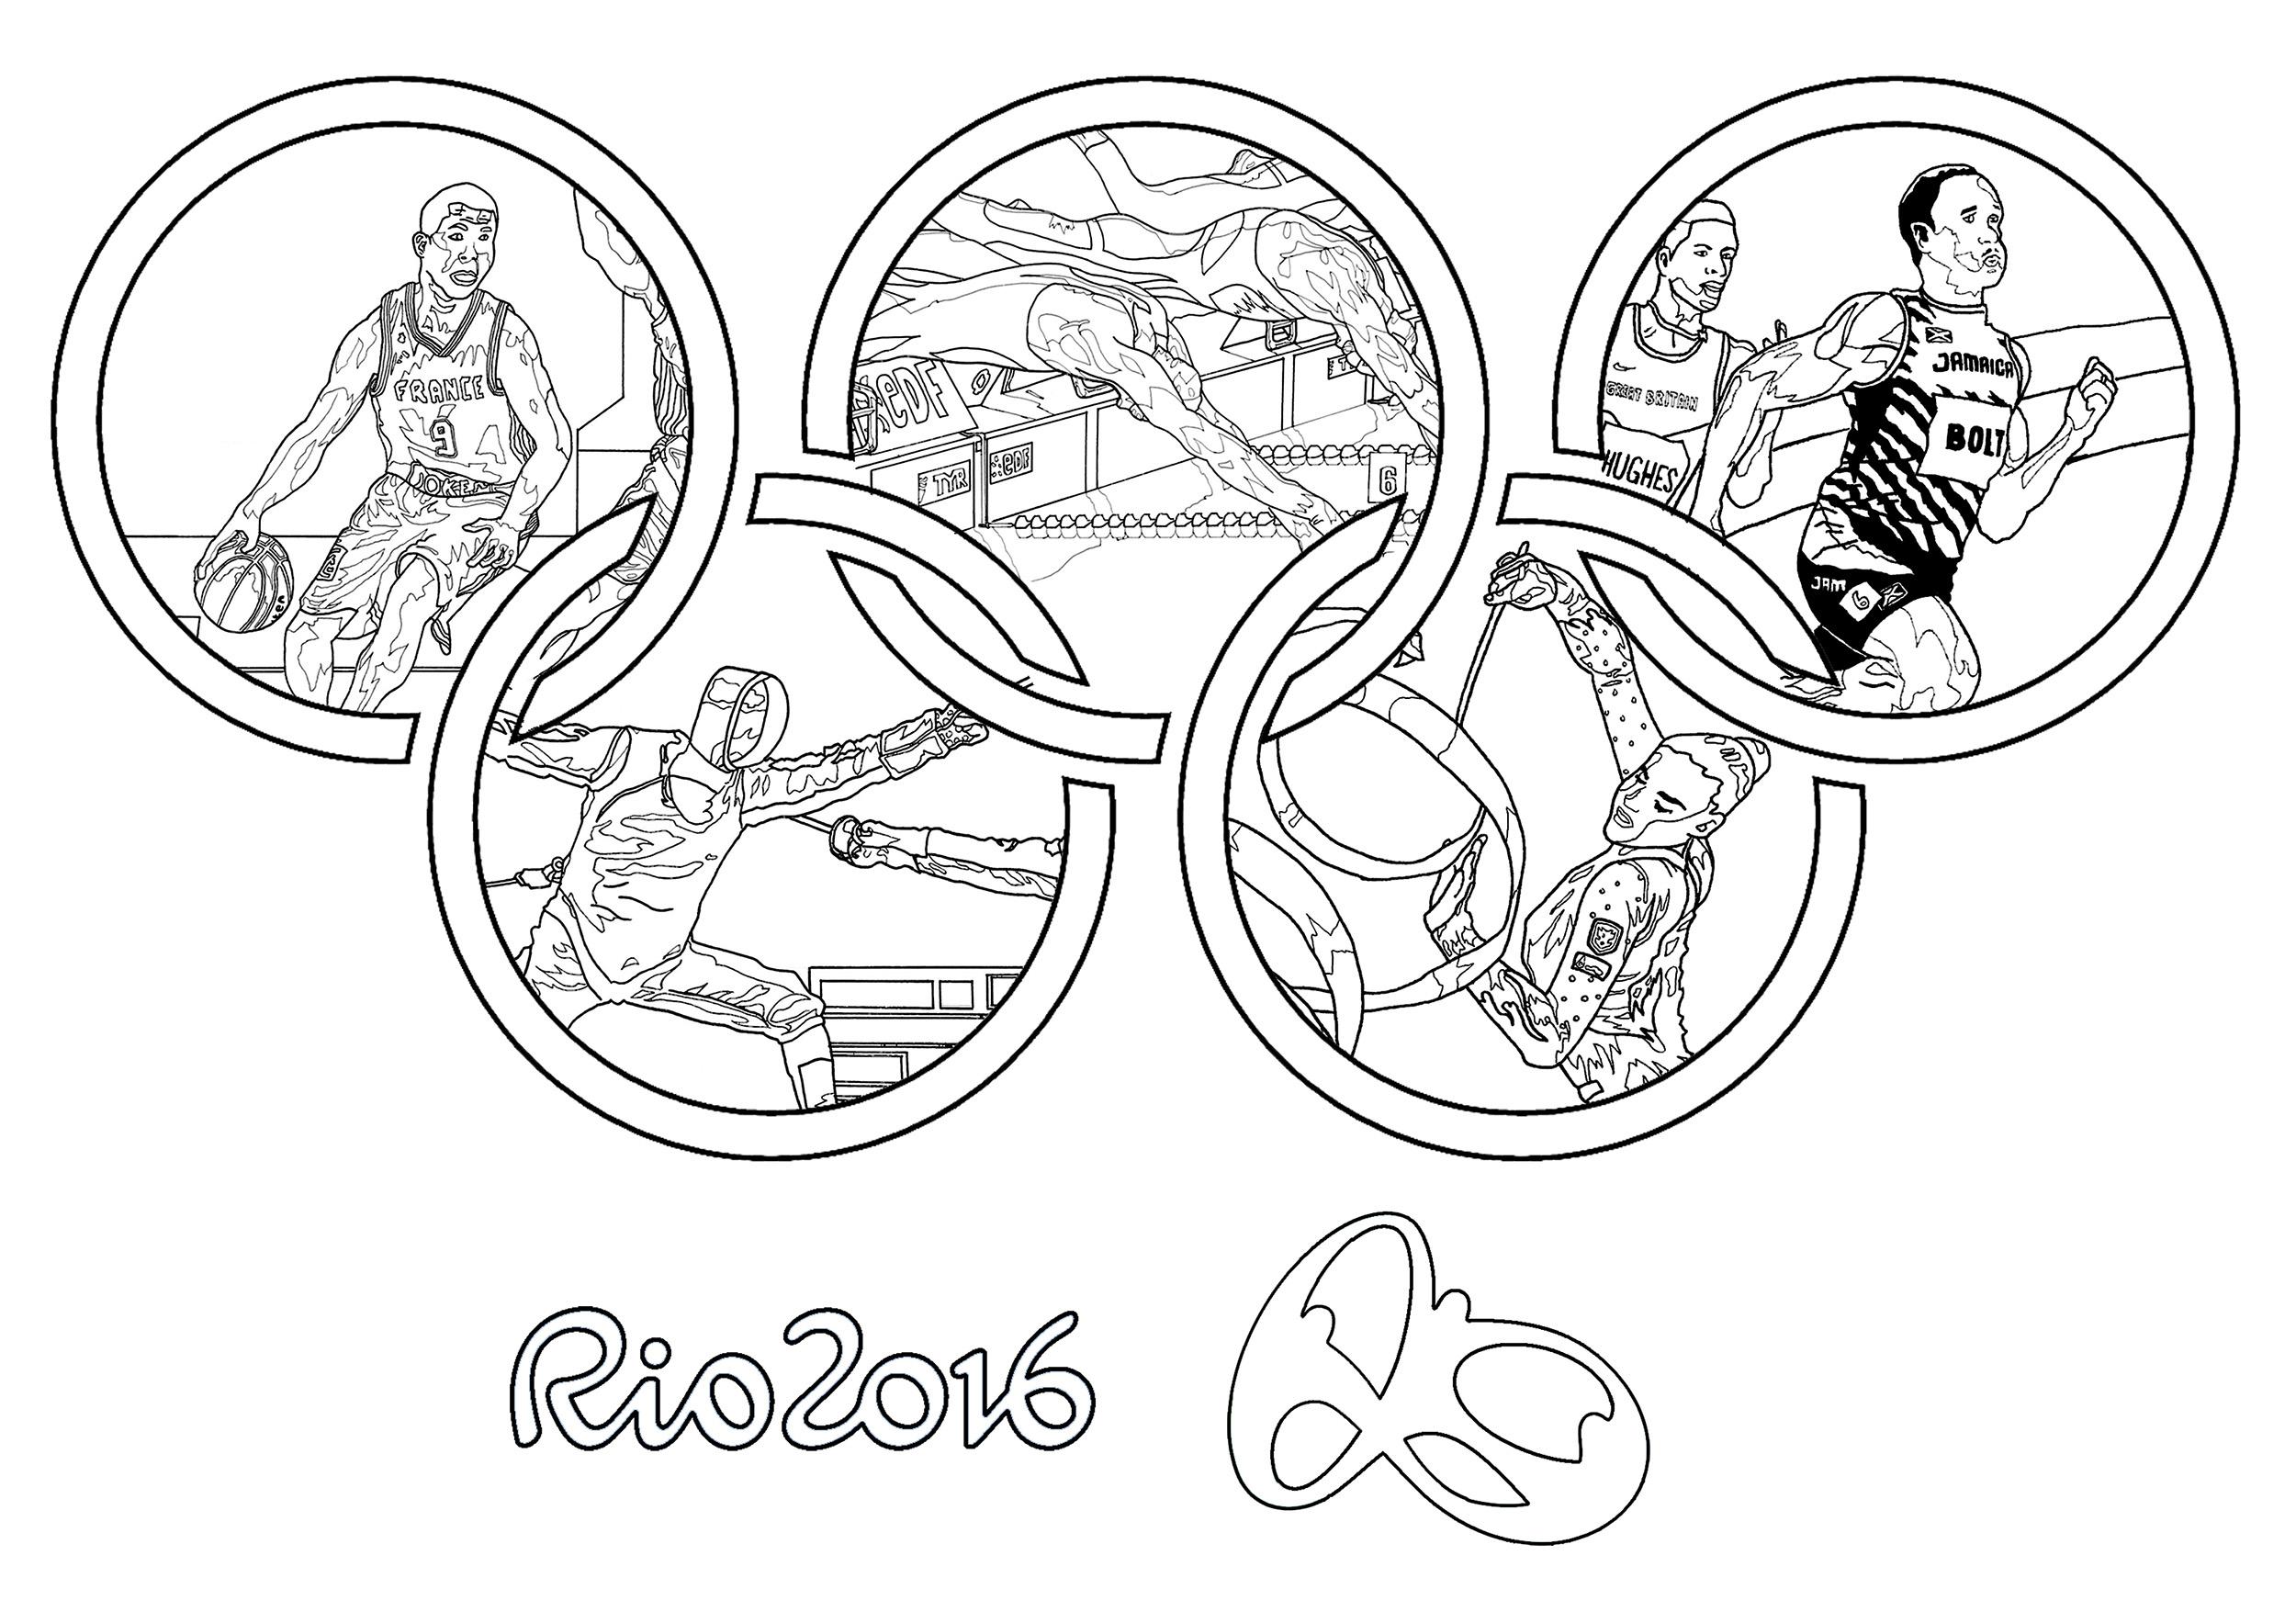 Jeux olympiques rio 2016 anneaux olympiques coloriage sur les jeux olympiqu - Anneau des jeux olympique ...